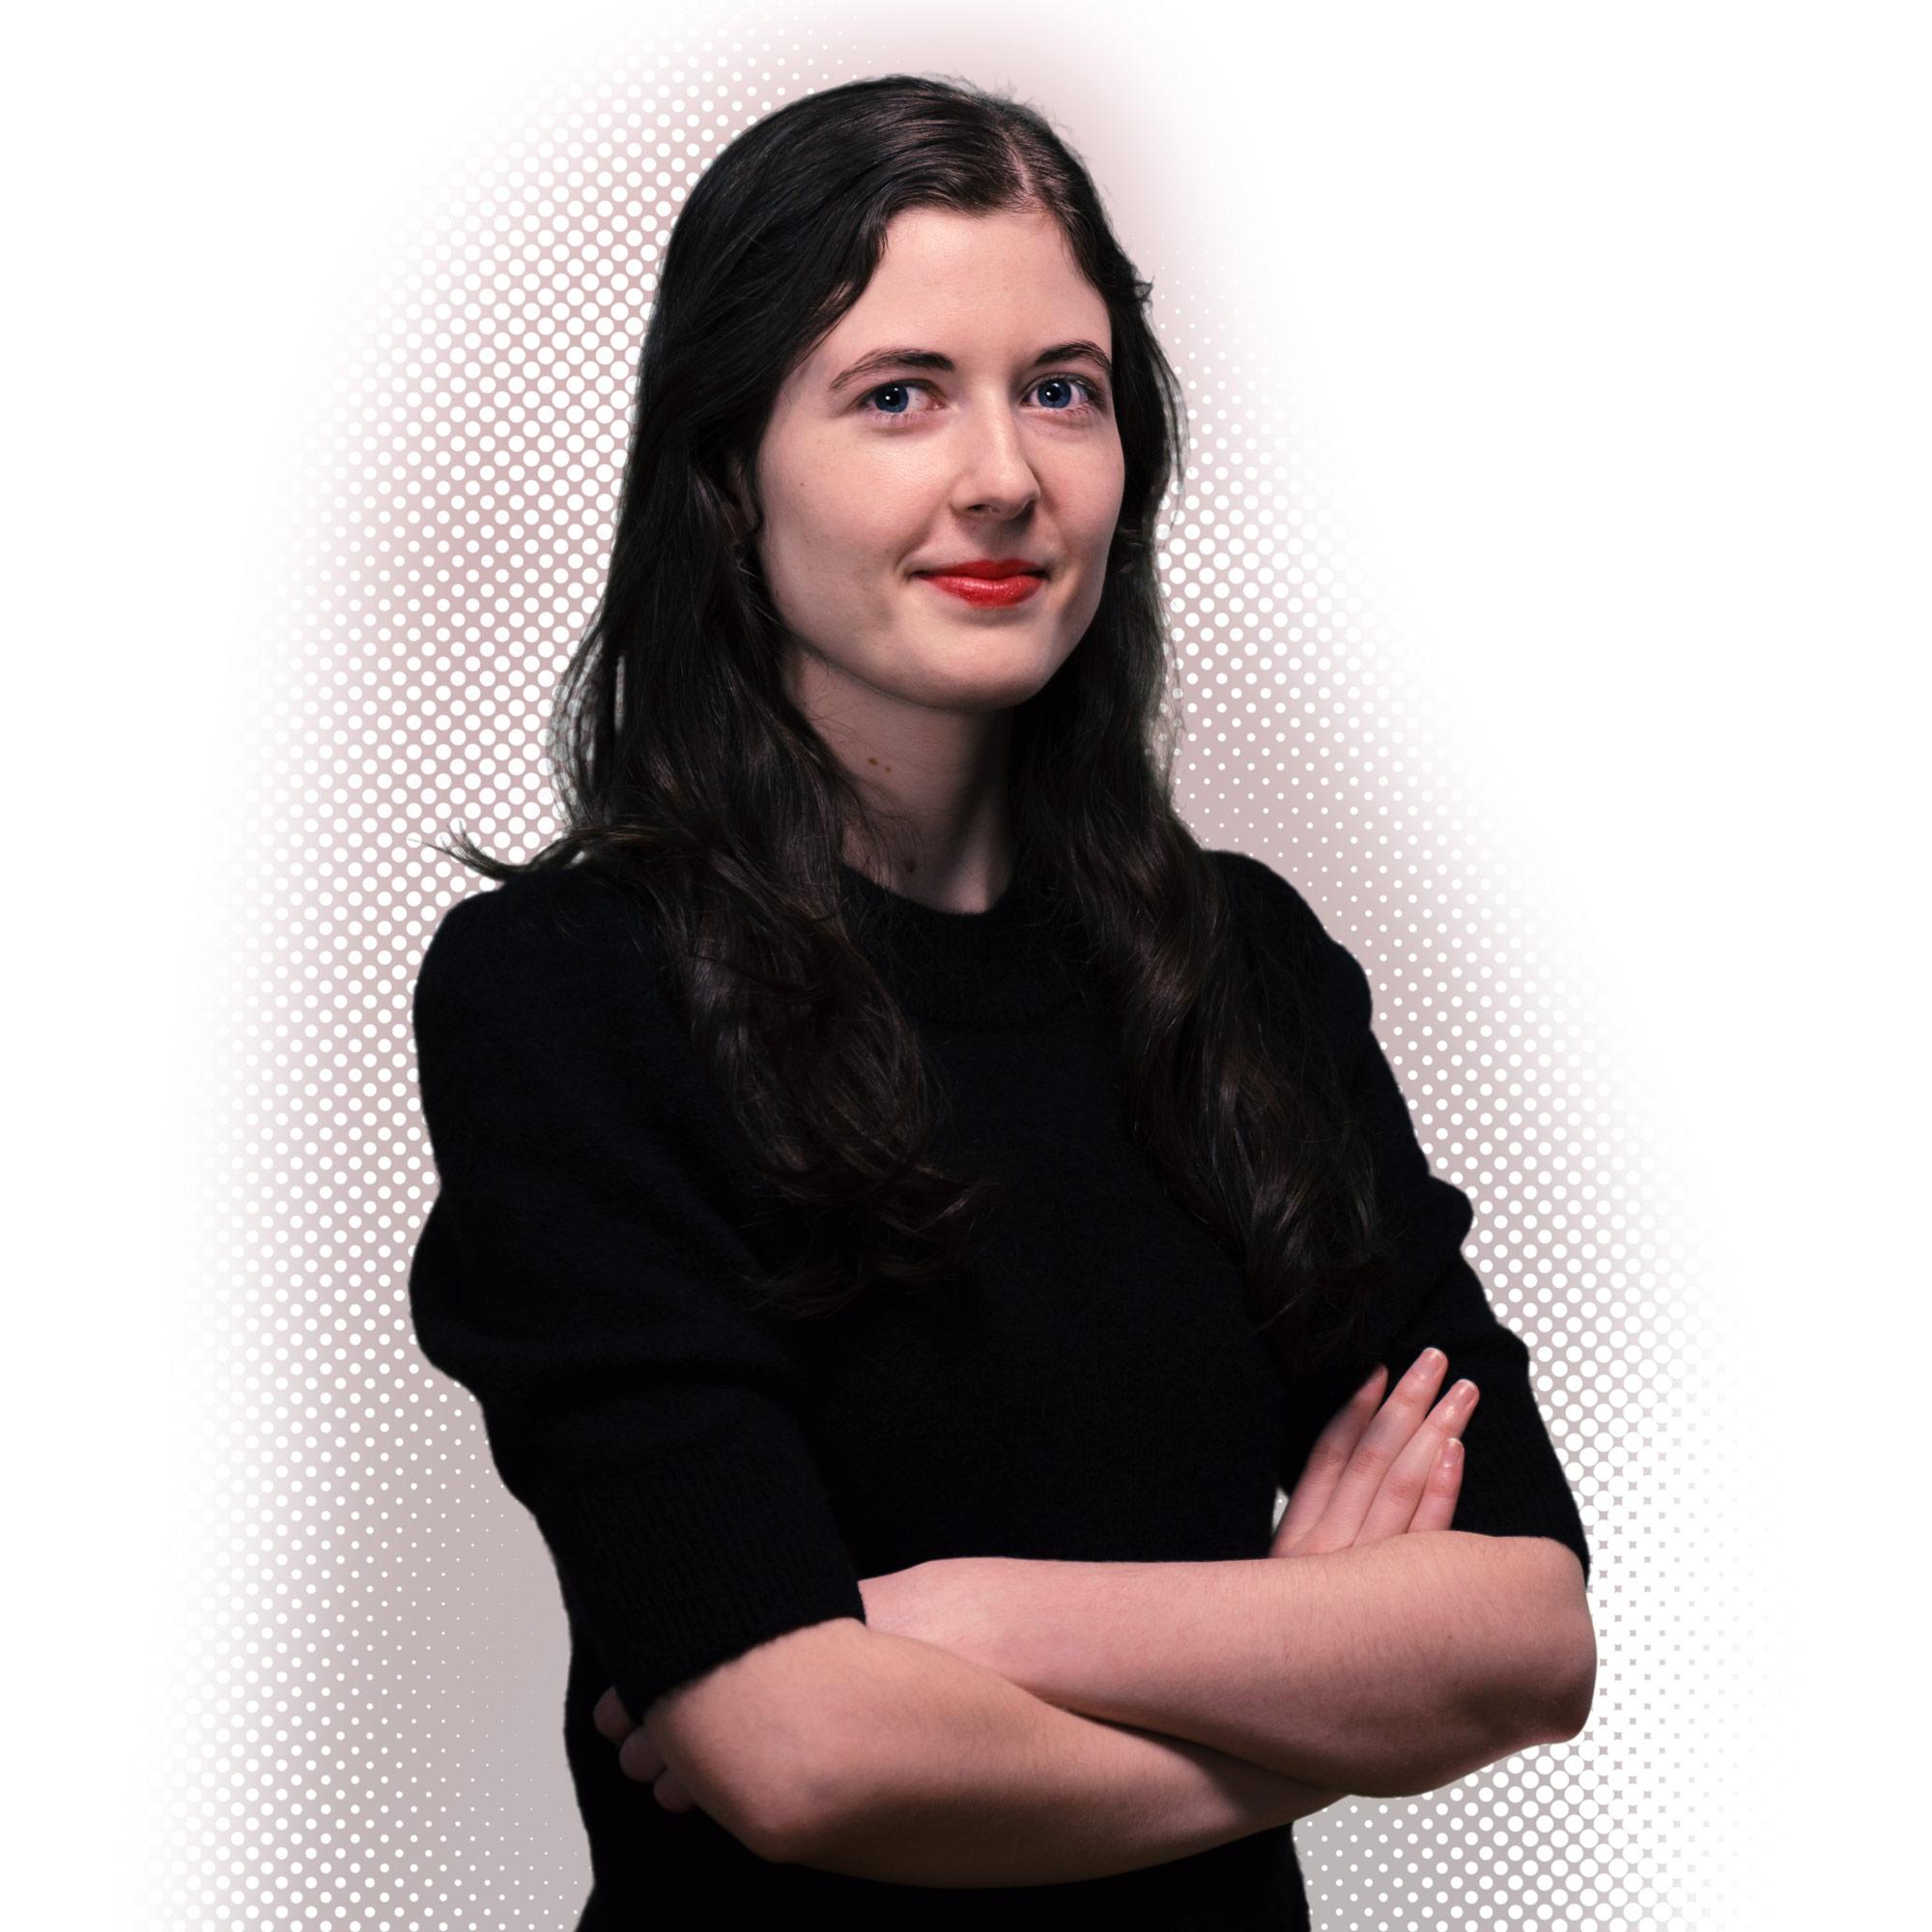 Portraitfoto von Julia Niclaus